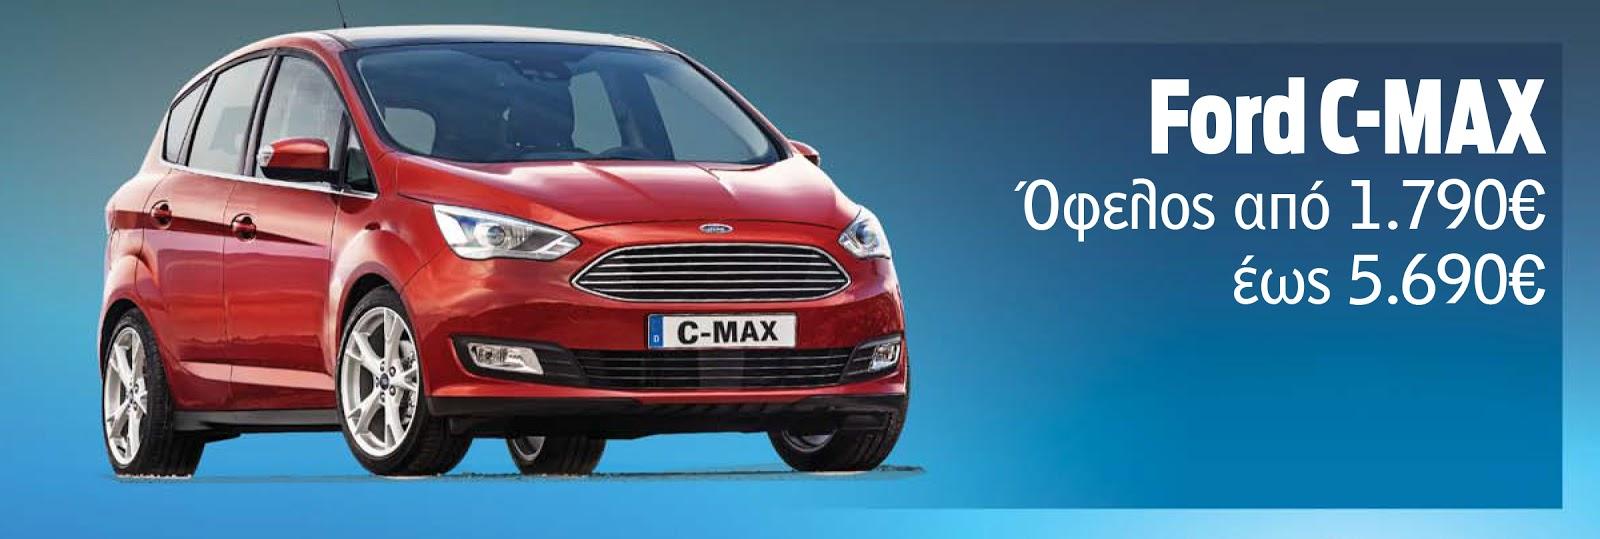 C MAX Αποκτήστε το αγαπημένο σας Ford με όφελος έως και 5.690€! Ford, αγορά, προσφορές, τιμες